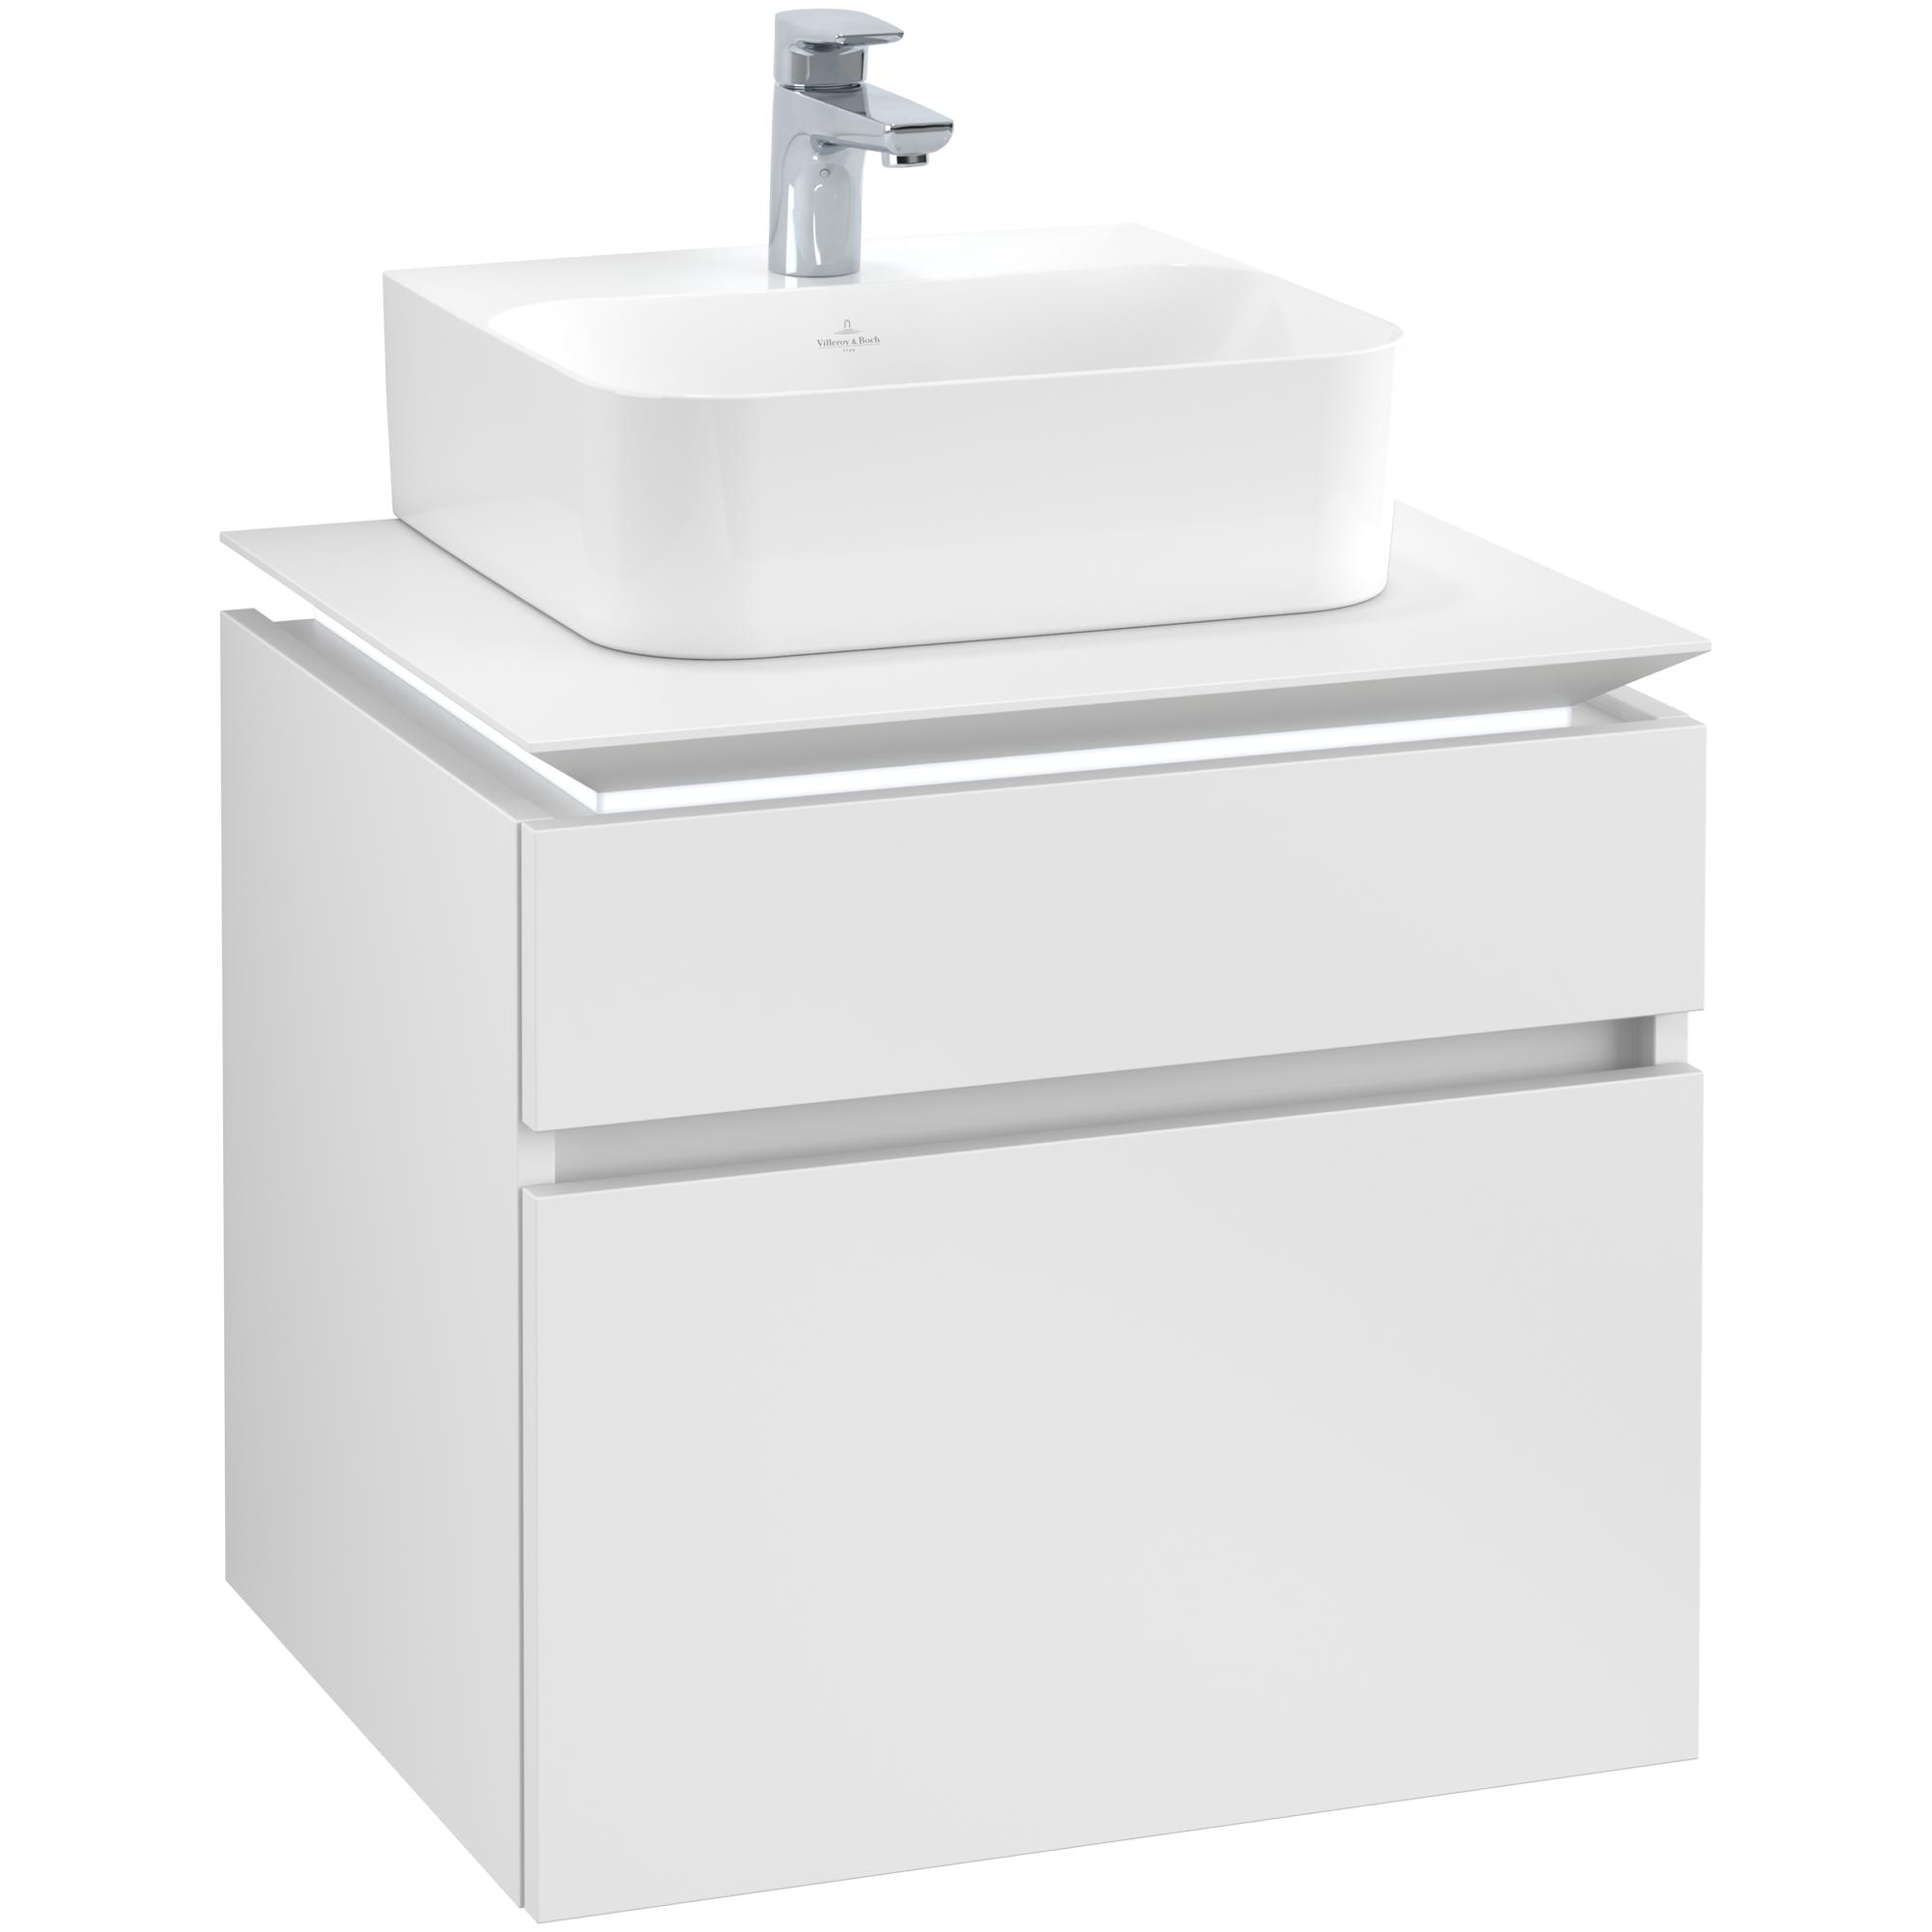 Tvättställsskåp Villeroy & Boch Legato 600 med 2 Lådor för Tvättställ